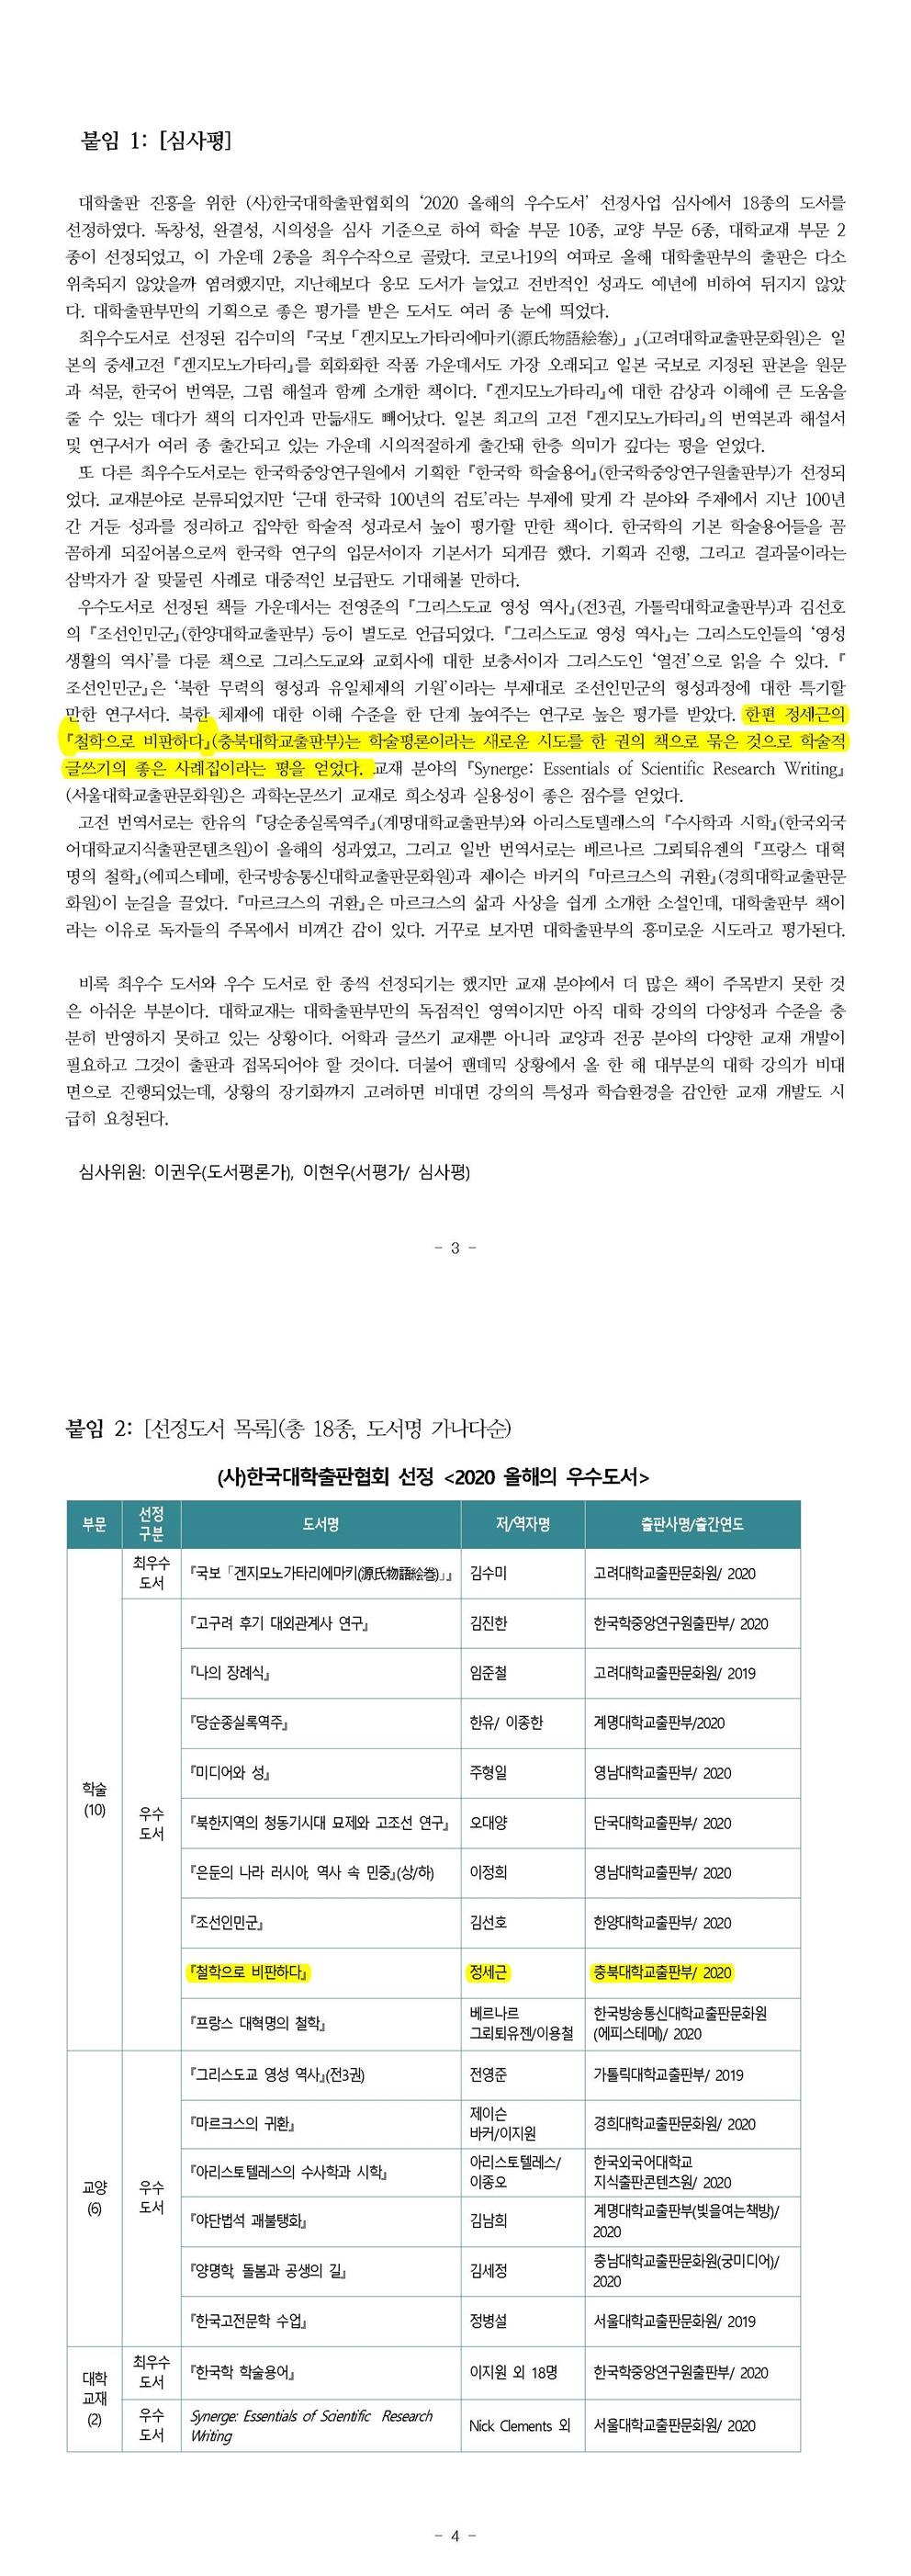 '2020 올해의 우수도서' 선정 결과 알림.jpg